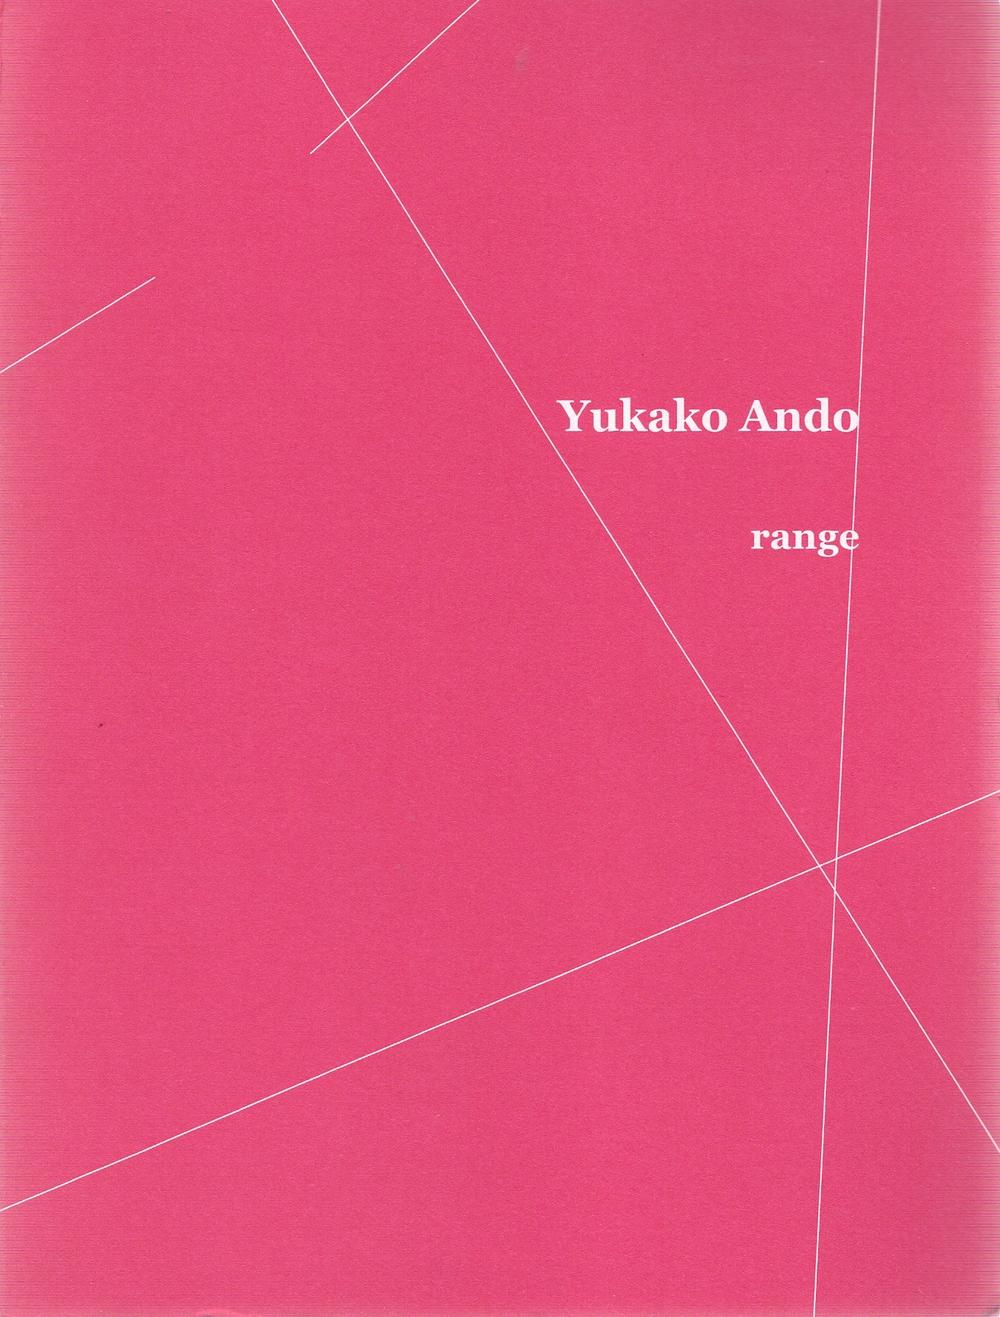 Yukako AndoRange, 2011